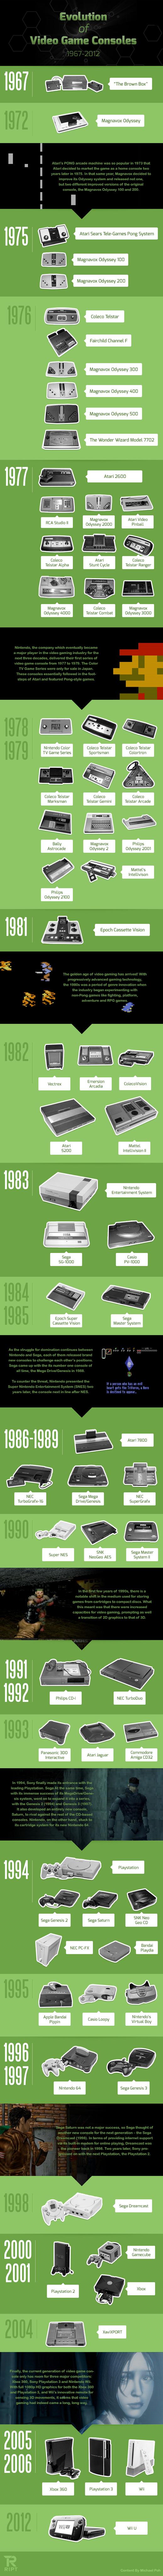 L'infographie utlime sur l'évolution des consoles de jeux-vidéo de 1967 à 2012